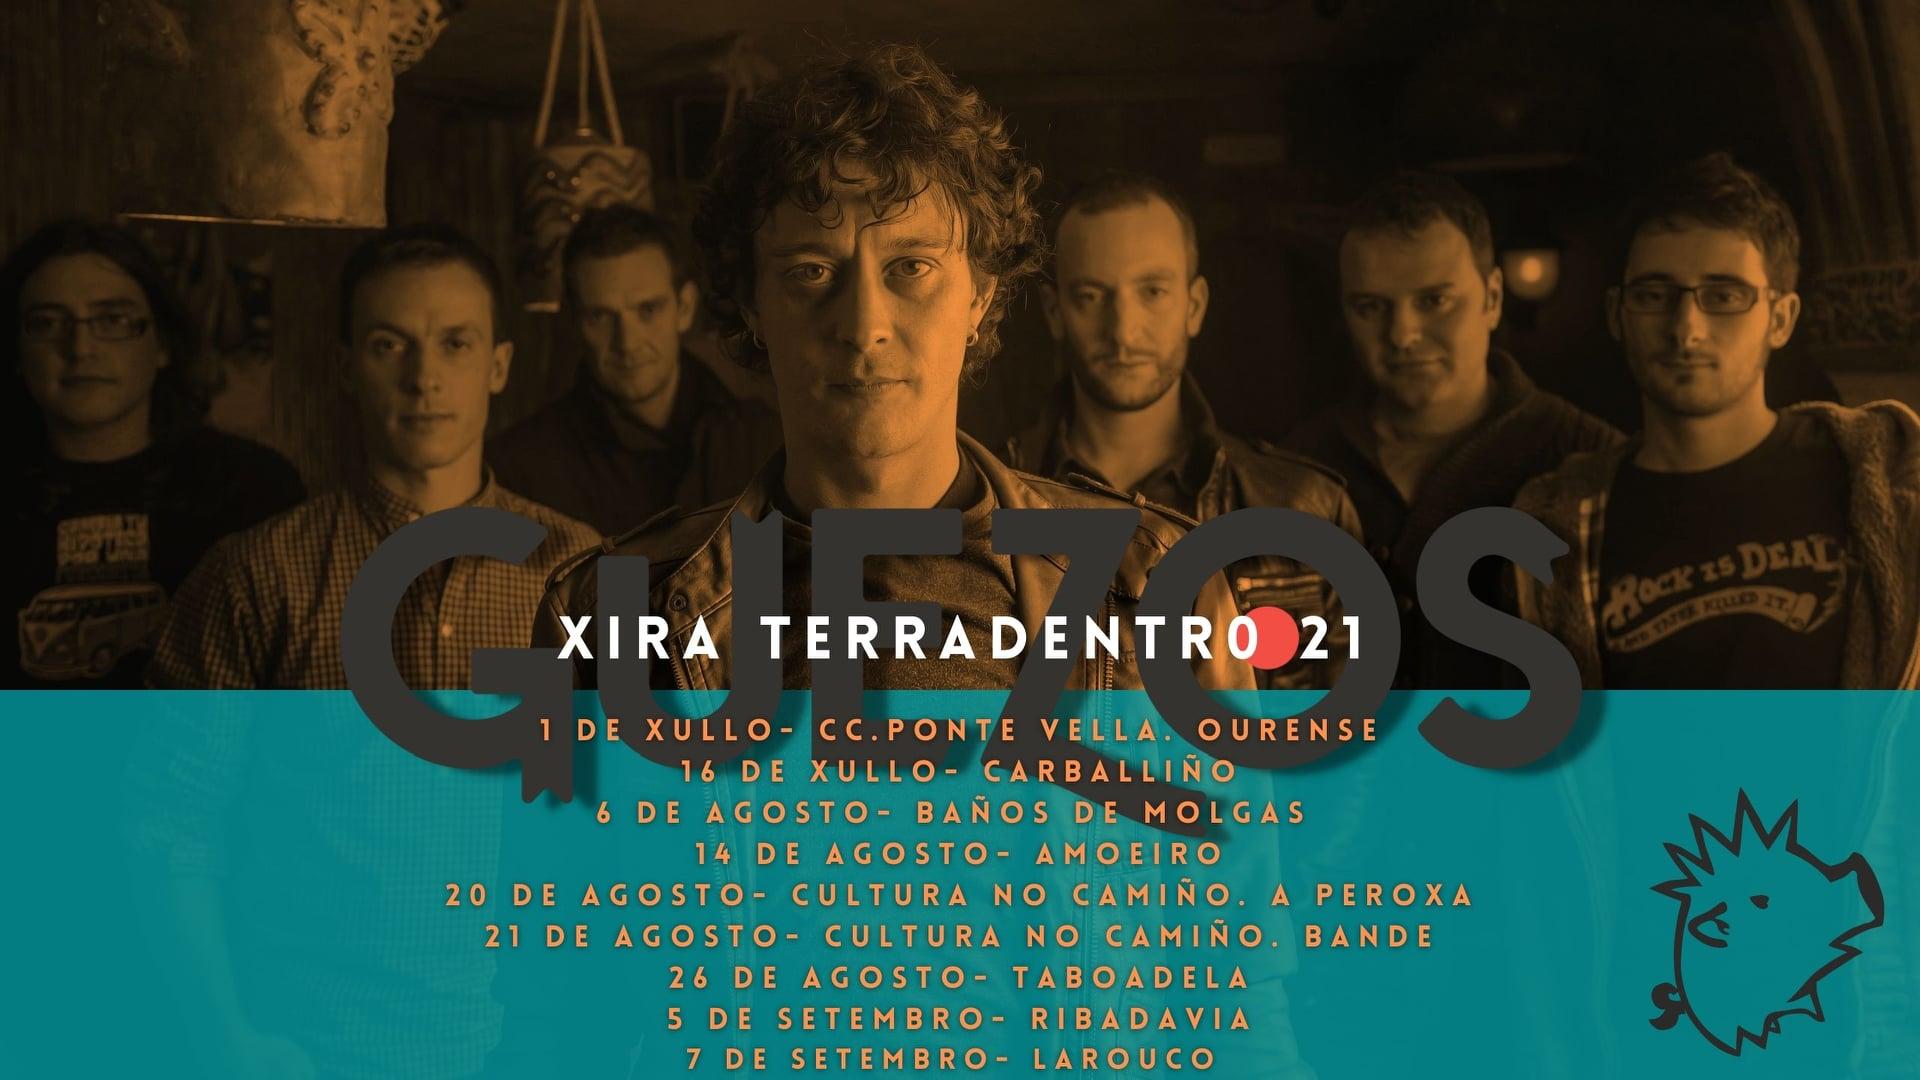 Xira Terradentro 21